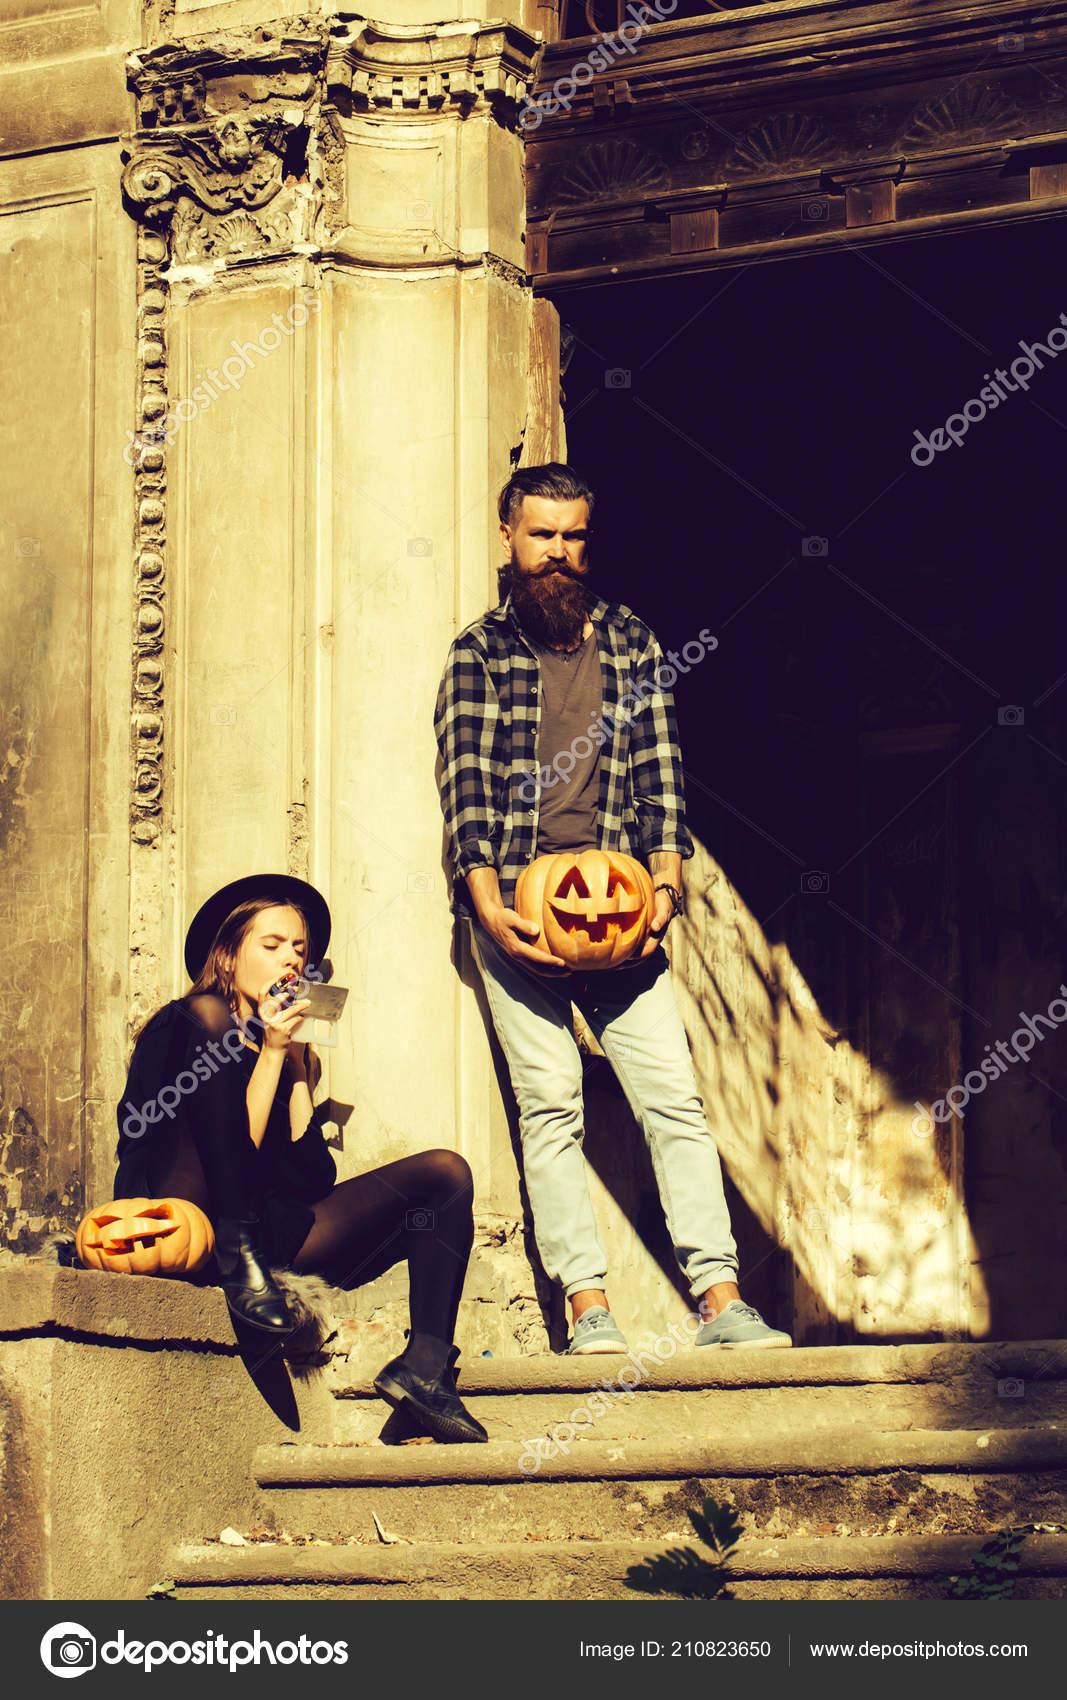 7f5c20b6fe85d Joven pareja de halloween de hombre con barba con barba y bigote y muchacha  con sombrero de bruja negro cerca de puerta de hierro del viejo arruinado  ...